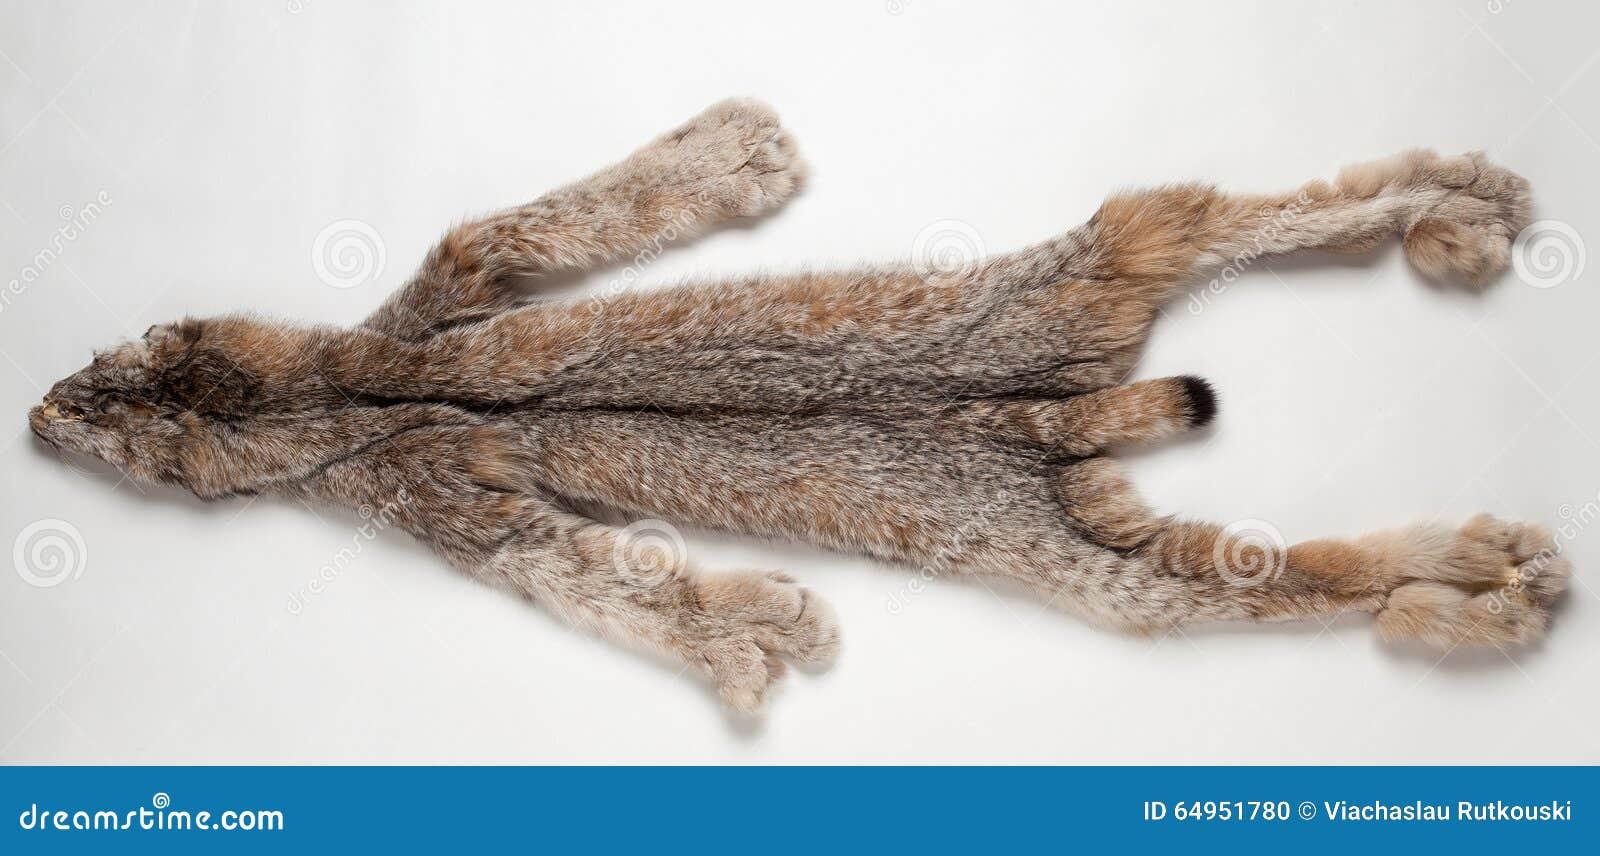 Lynx pelt stock photo. Image of carnivore, stuffed, hair - 64951780 for Lynx Pelt  54lyp